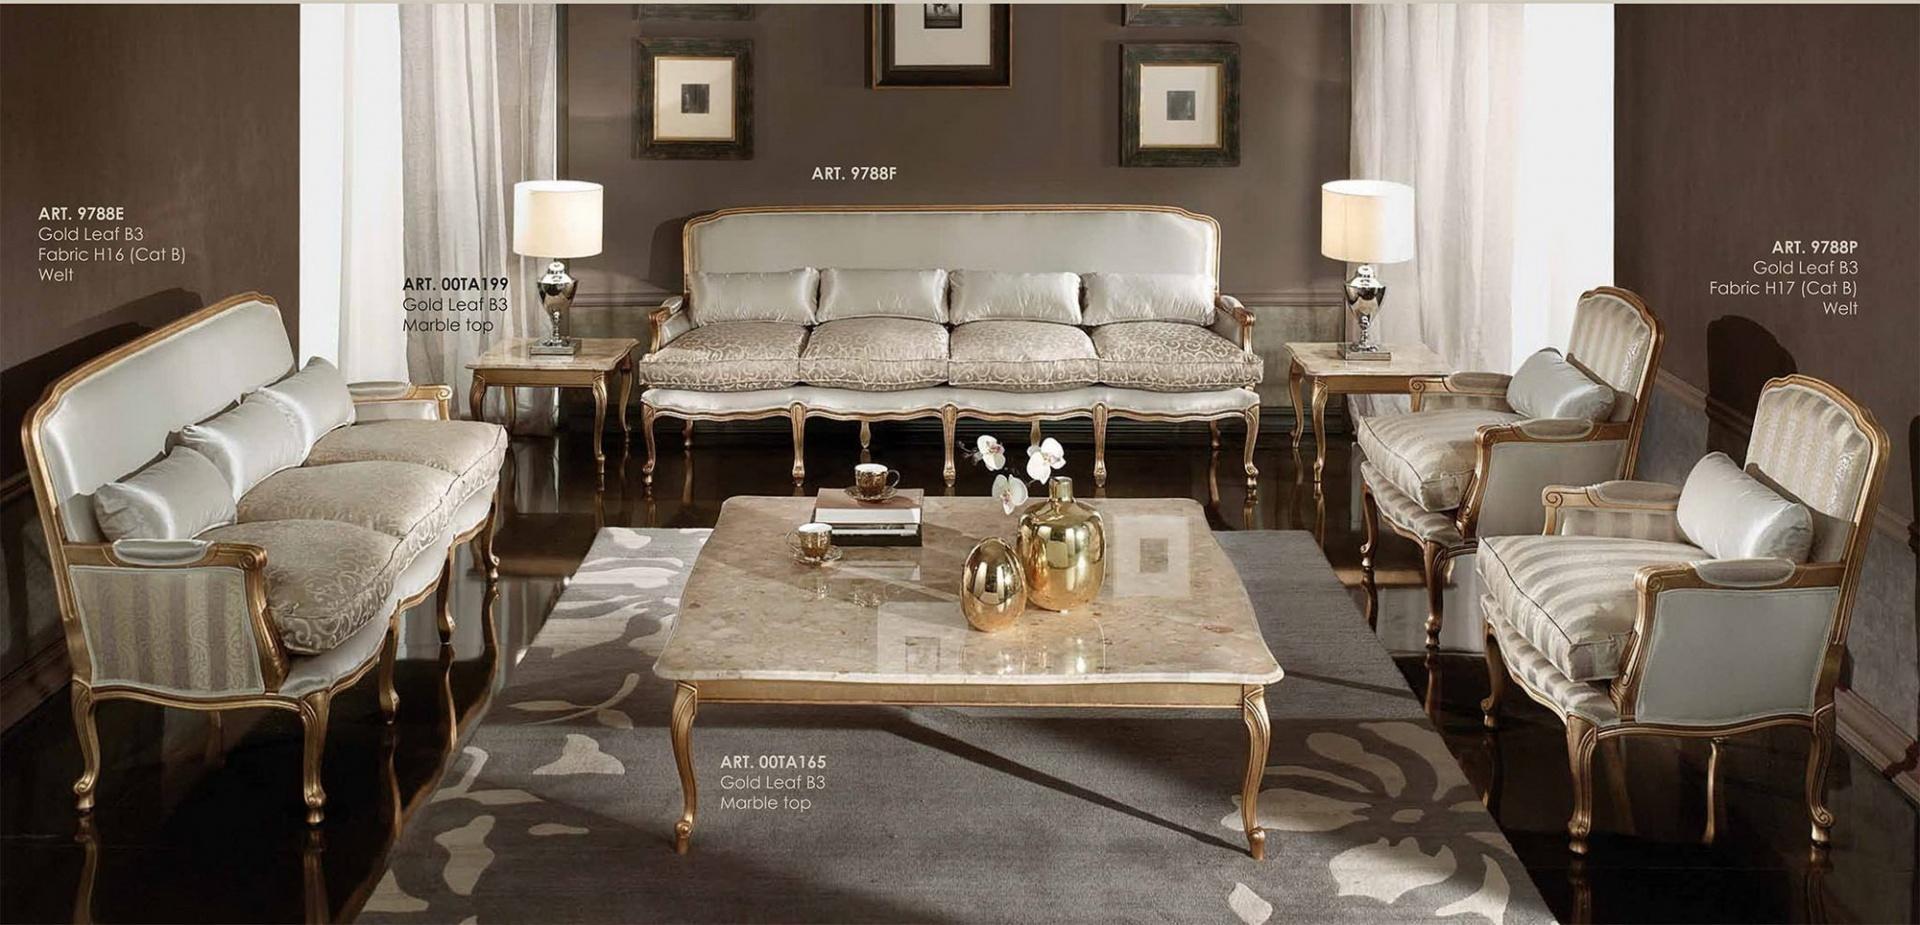 Goldleaf набор мягкой мебели IM265